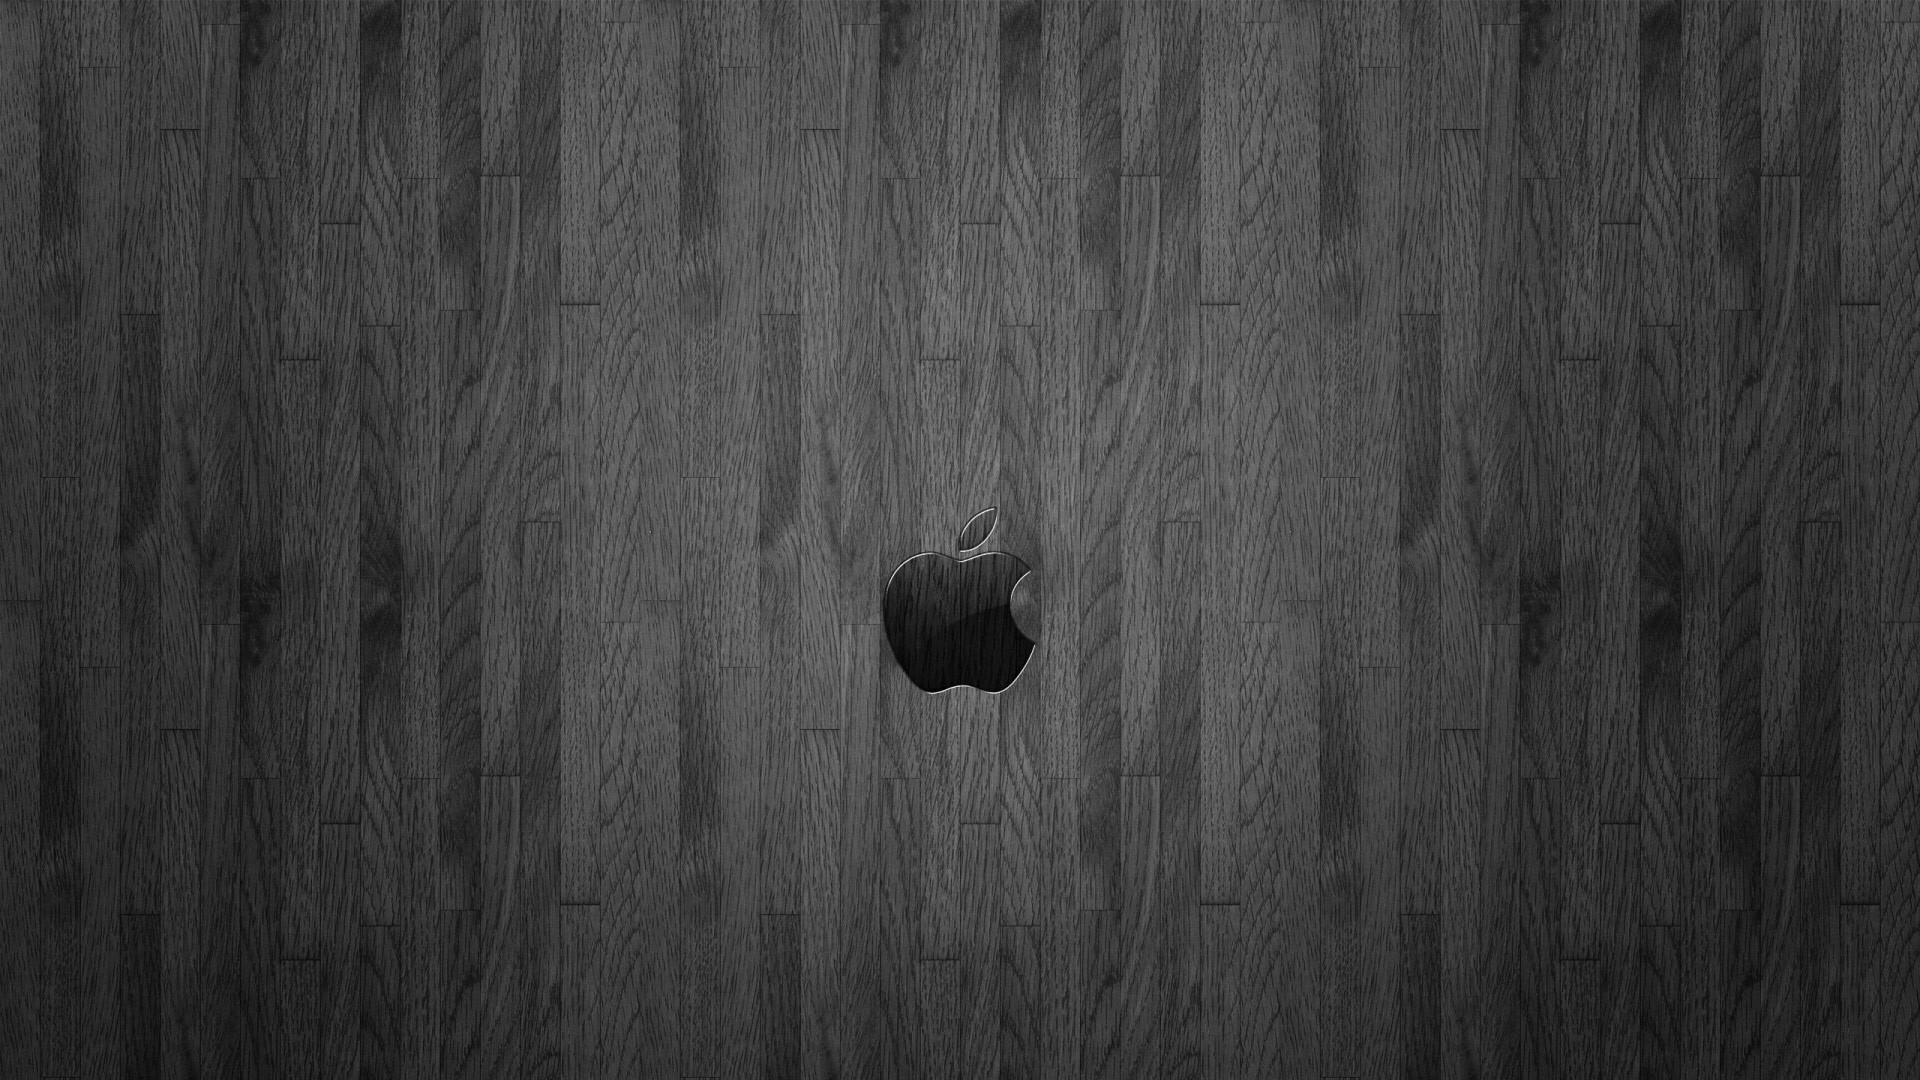 Macbook Air Wallpaper image hd